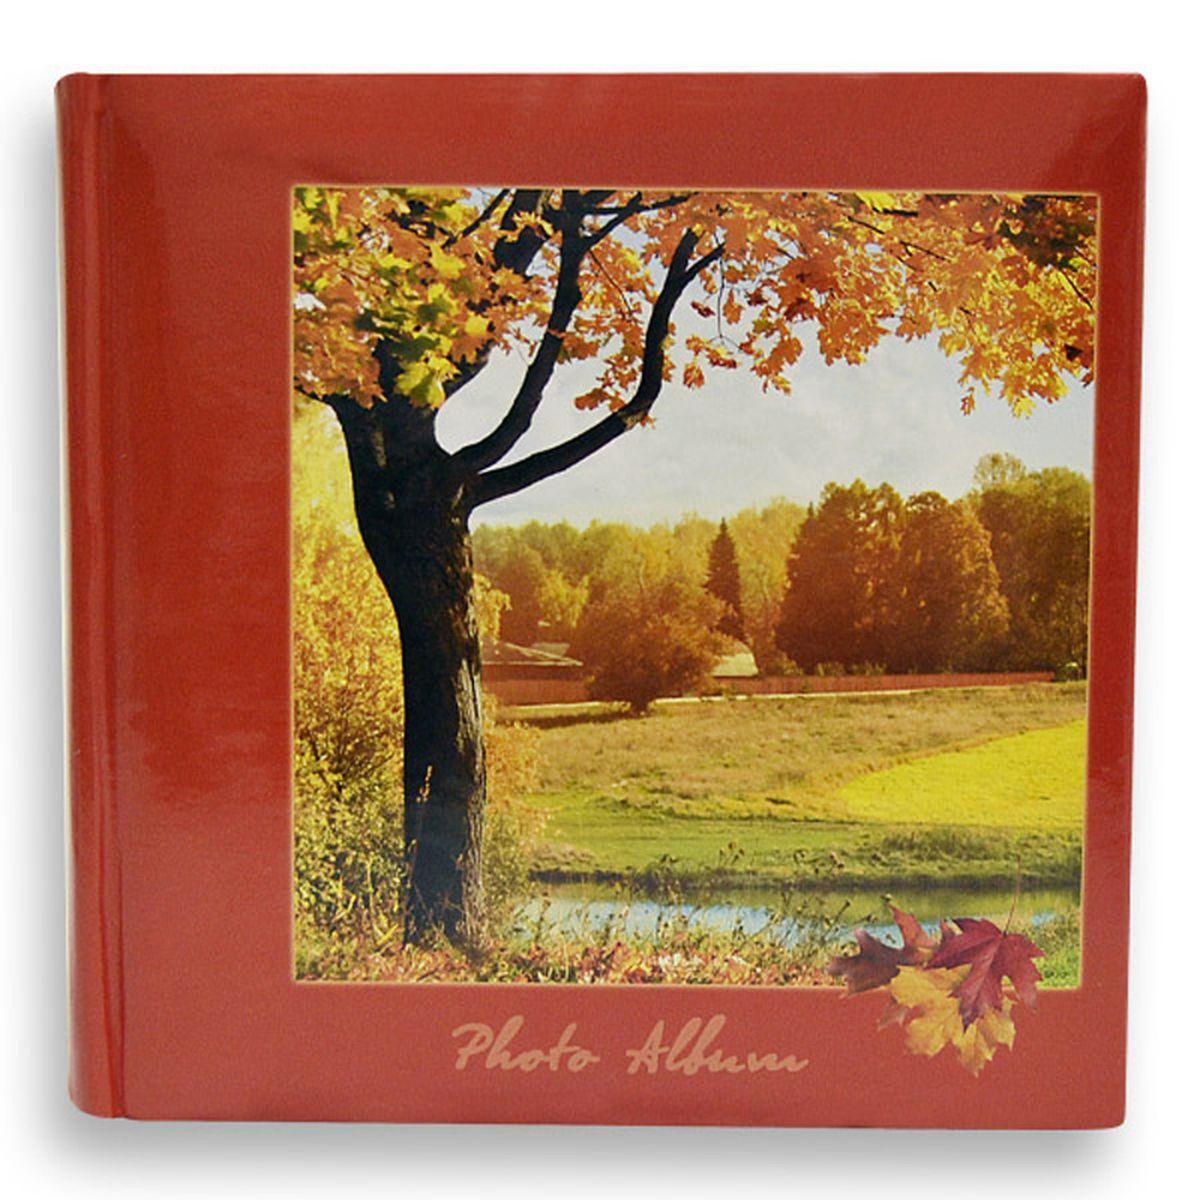 Фотоальбом Pioneer 4 Seasons, 200 фотографий, 10 х 15 смБрелок для ключейФотоальбом Pioneer 4 Seasons позволит вам запечатлеть незабываемые моменты вашей жизни, сохранить свои истории и воспоминания на его страницах. Обложка из толстого картона оформлена оригинальным принтом. Фотоальбом рассчитан на 200 фотографии форматом 10 x 15 см. На каждом развороте имеются поля для заполнения и два кармашка для фотографий. Такой необычный фотоальбом позволит легко заполнить страницы вашей истории, и с годами ничего не забудется.Тип обложки: Ламинированный картон.Тип листов: бумажные.Тип переплета: книжный.Кол-во фотографий: 200.Материалы, использованные в изготовлении альбома, обеспечивают высокое качество хранения ваших фотографий, поэтому фотографии не желтеют со временем.